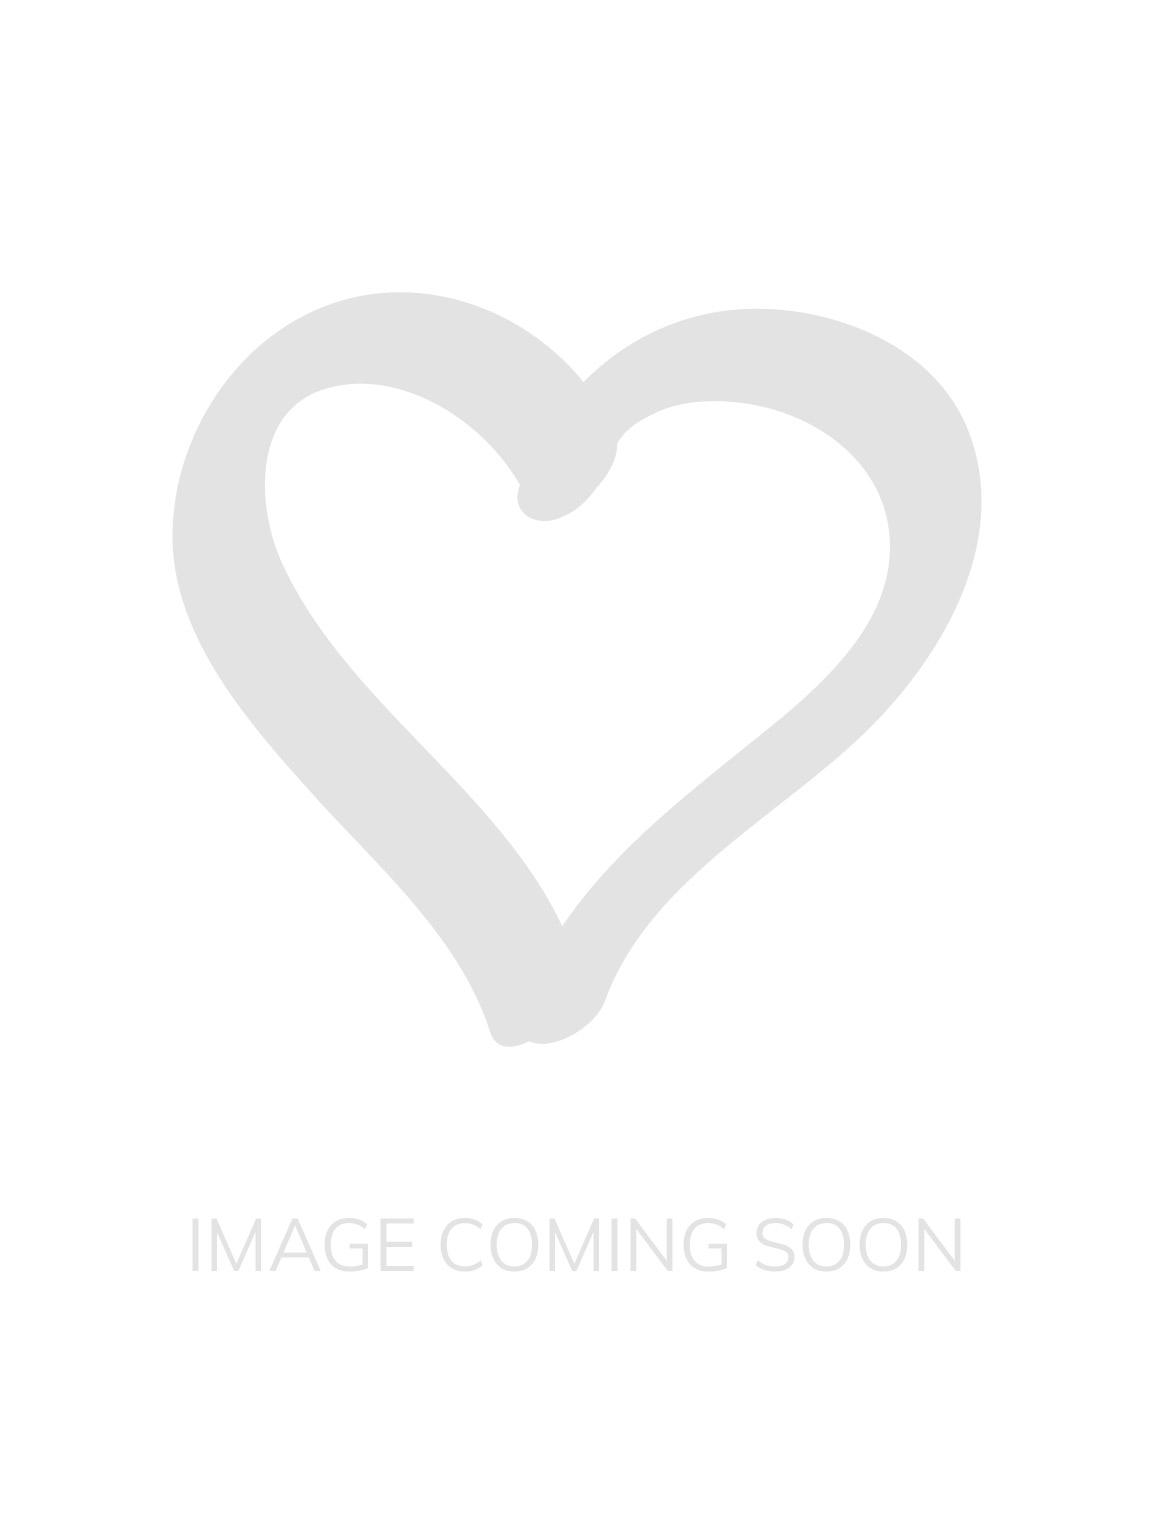 Fantasie Serene Full Cup Plain Bra 2231 2232 Underwired Non Padded Lingerie